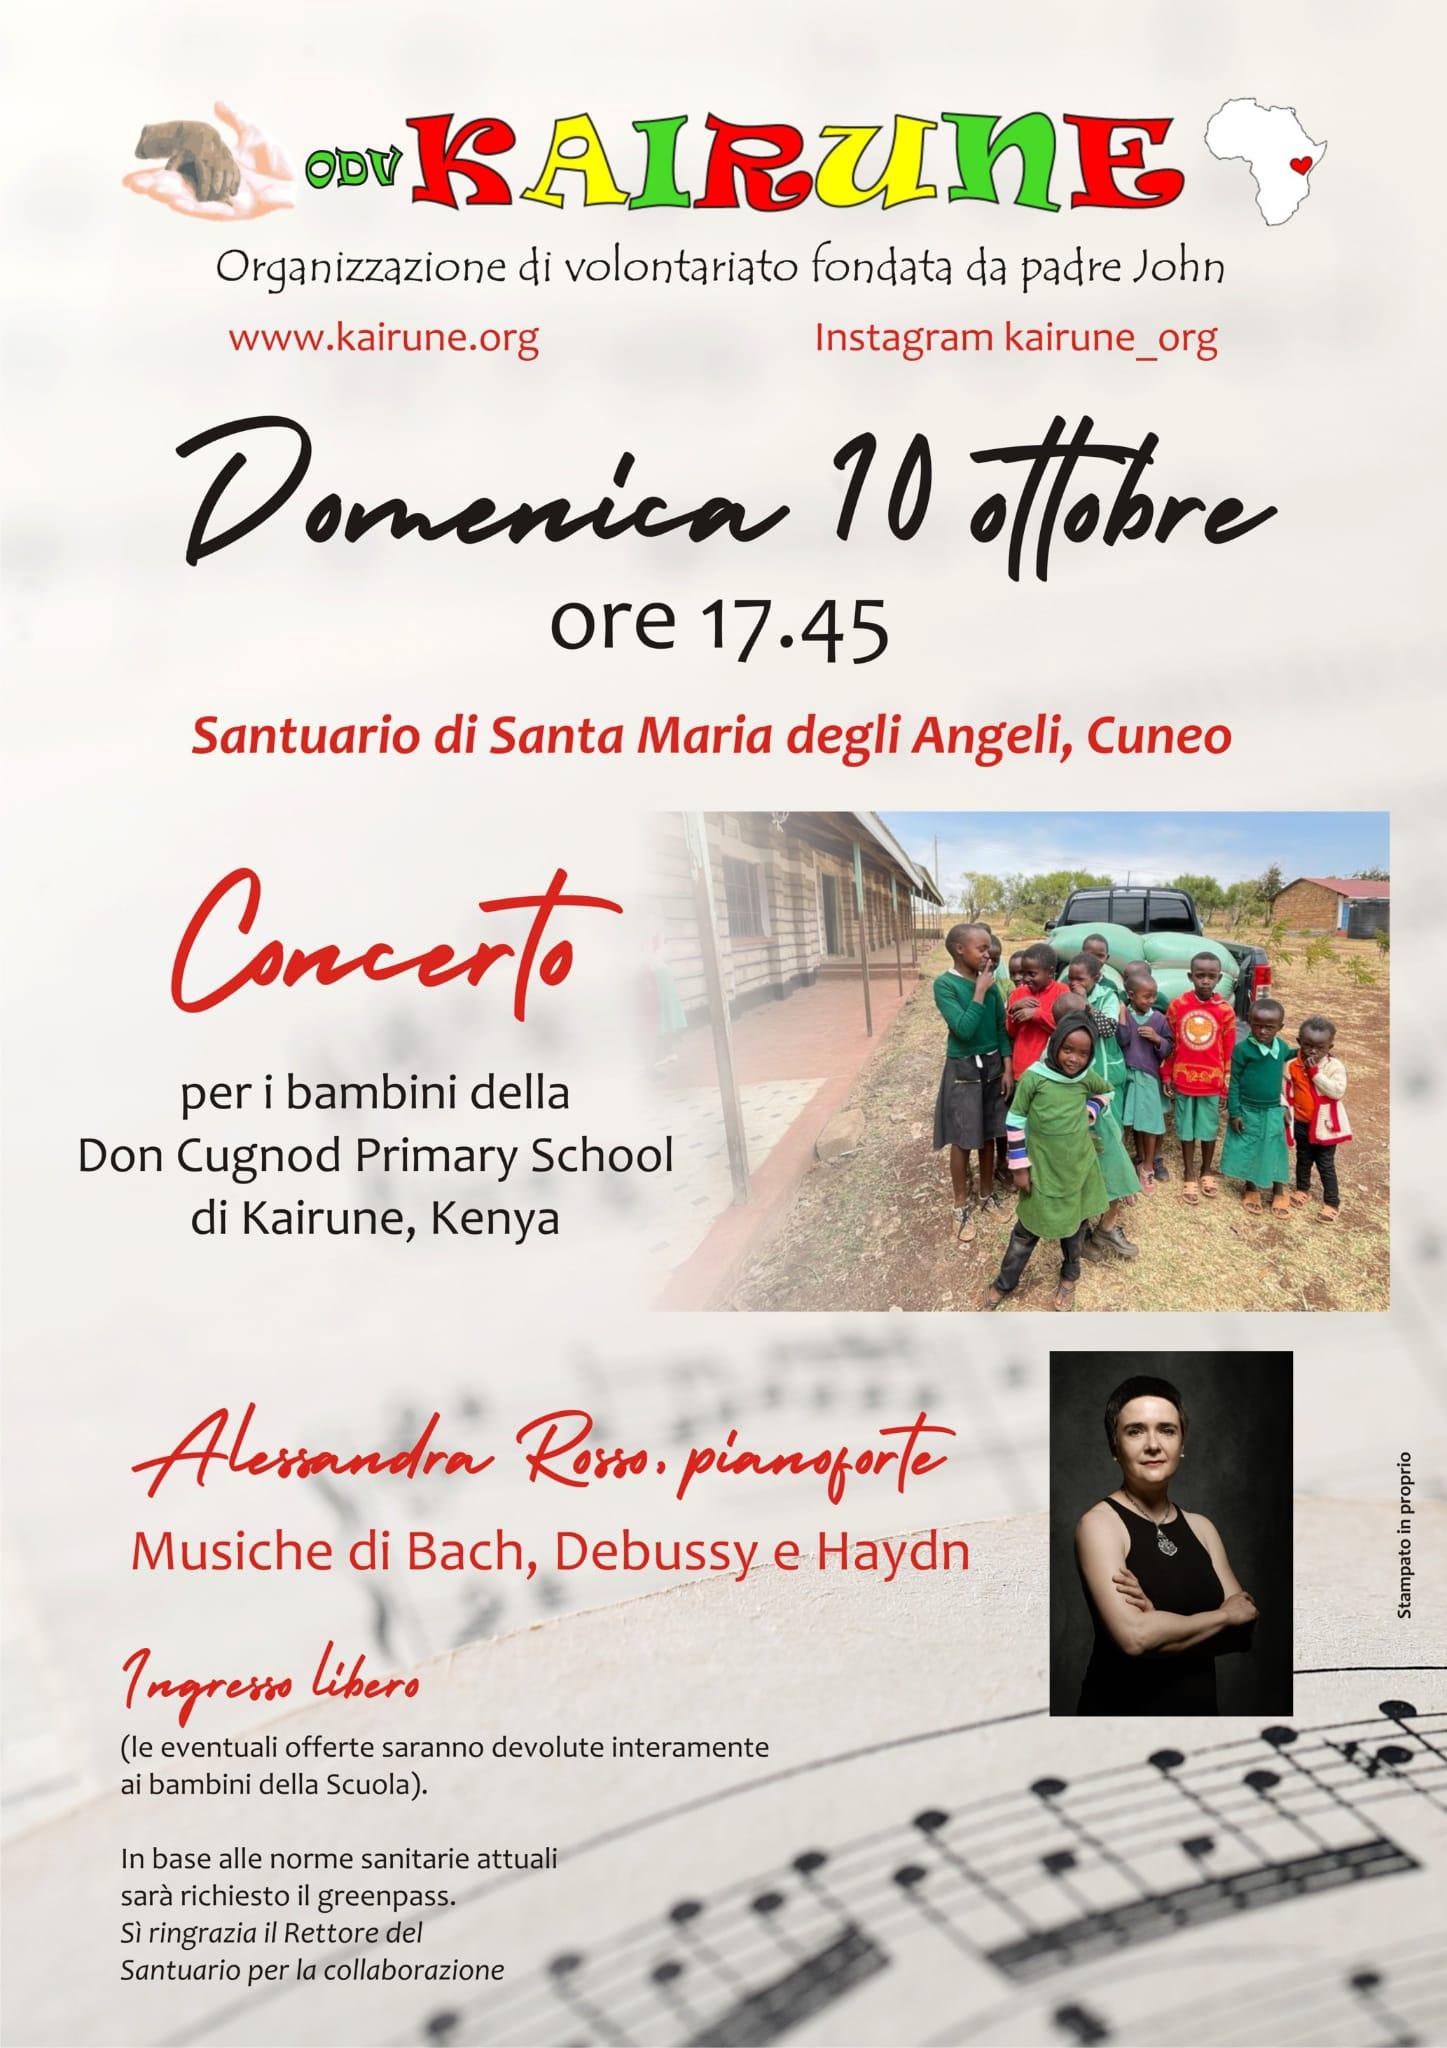 Concerto per i bambini della Don Cugnod